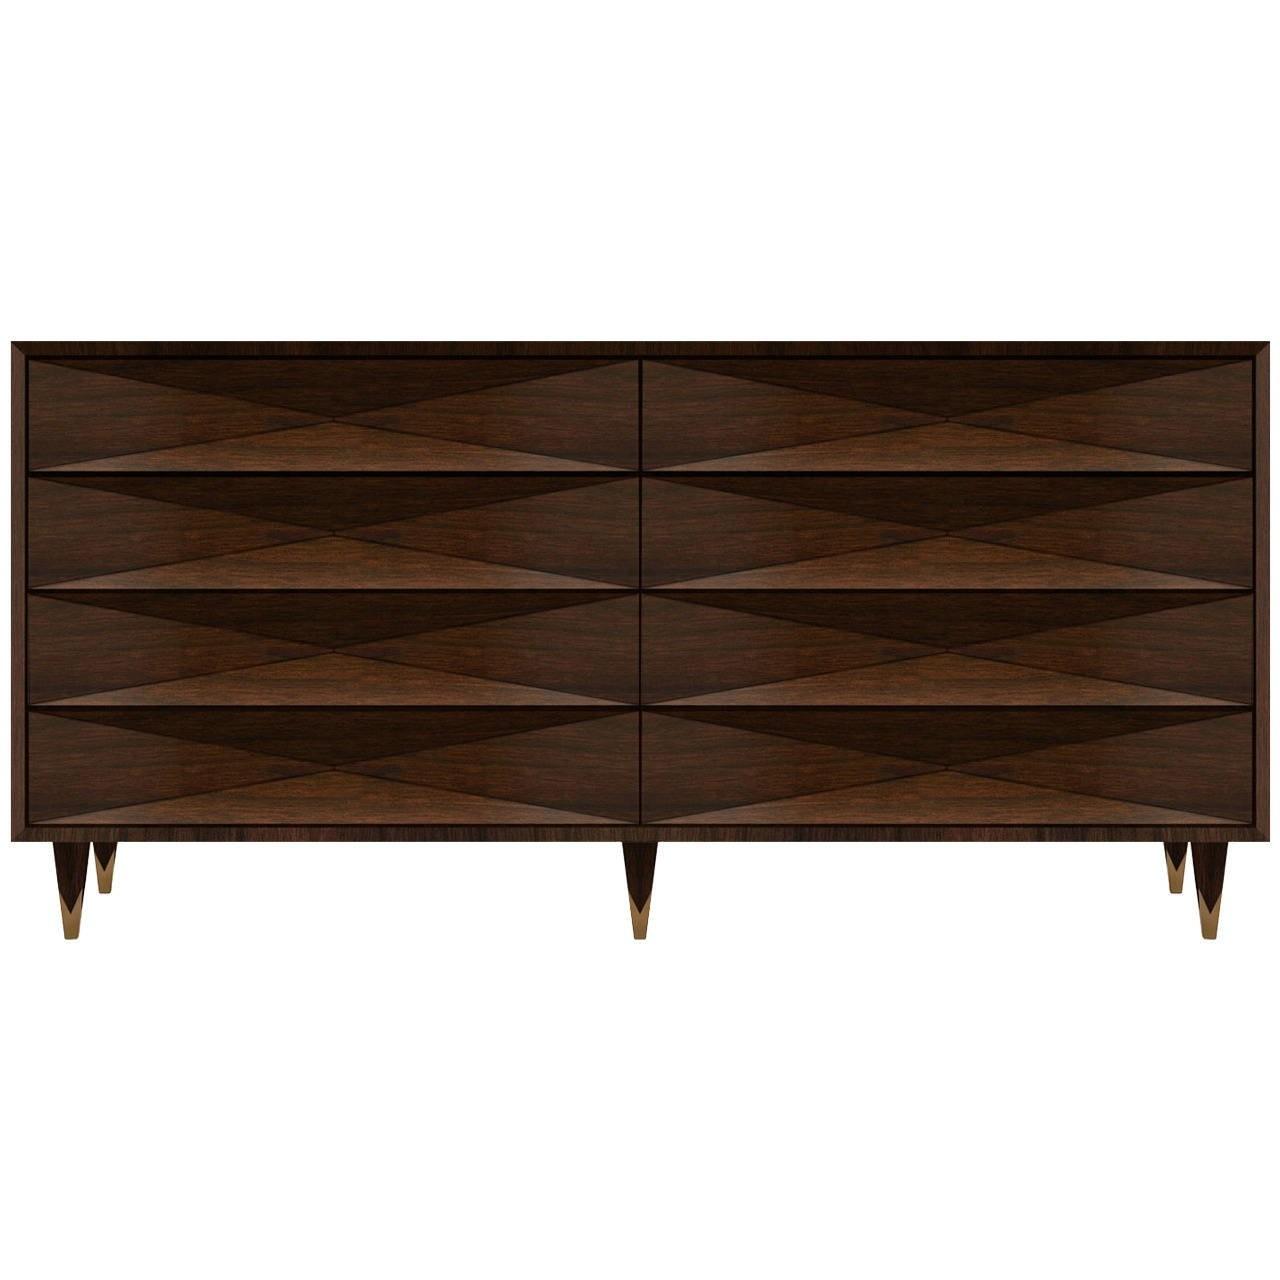 Faceted Walnut Dresser or Credenza